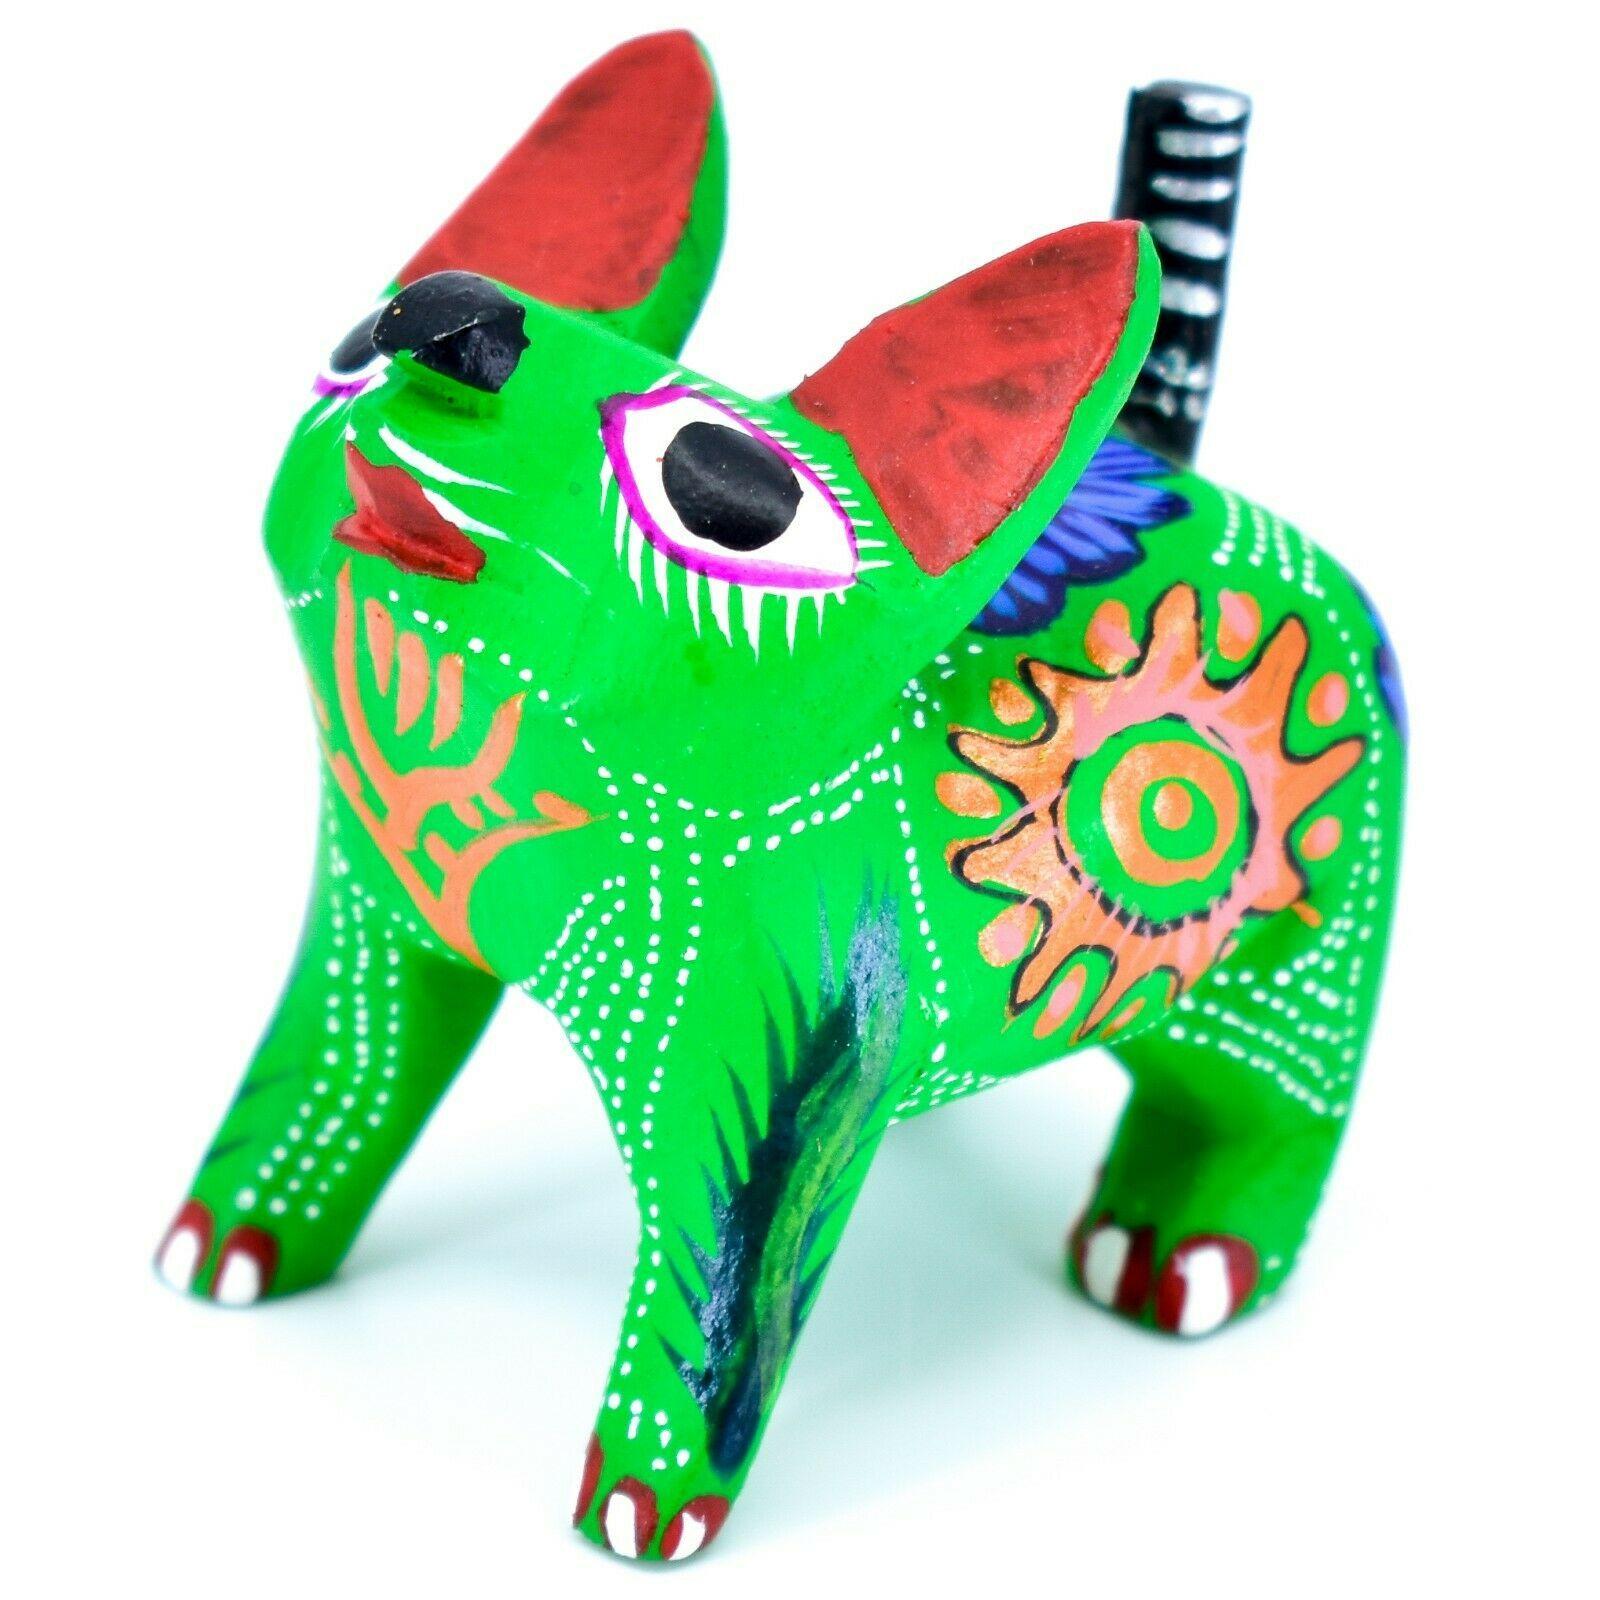 Handmade Alebrije Oaxacan Copal Wood Carving Painted Folk Art Cat Kitten Figure